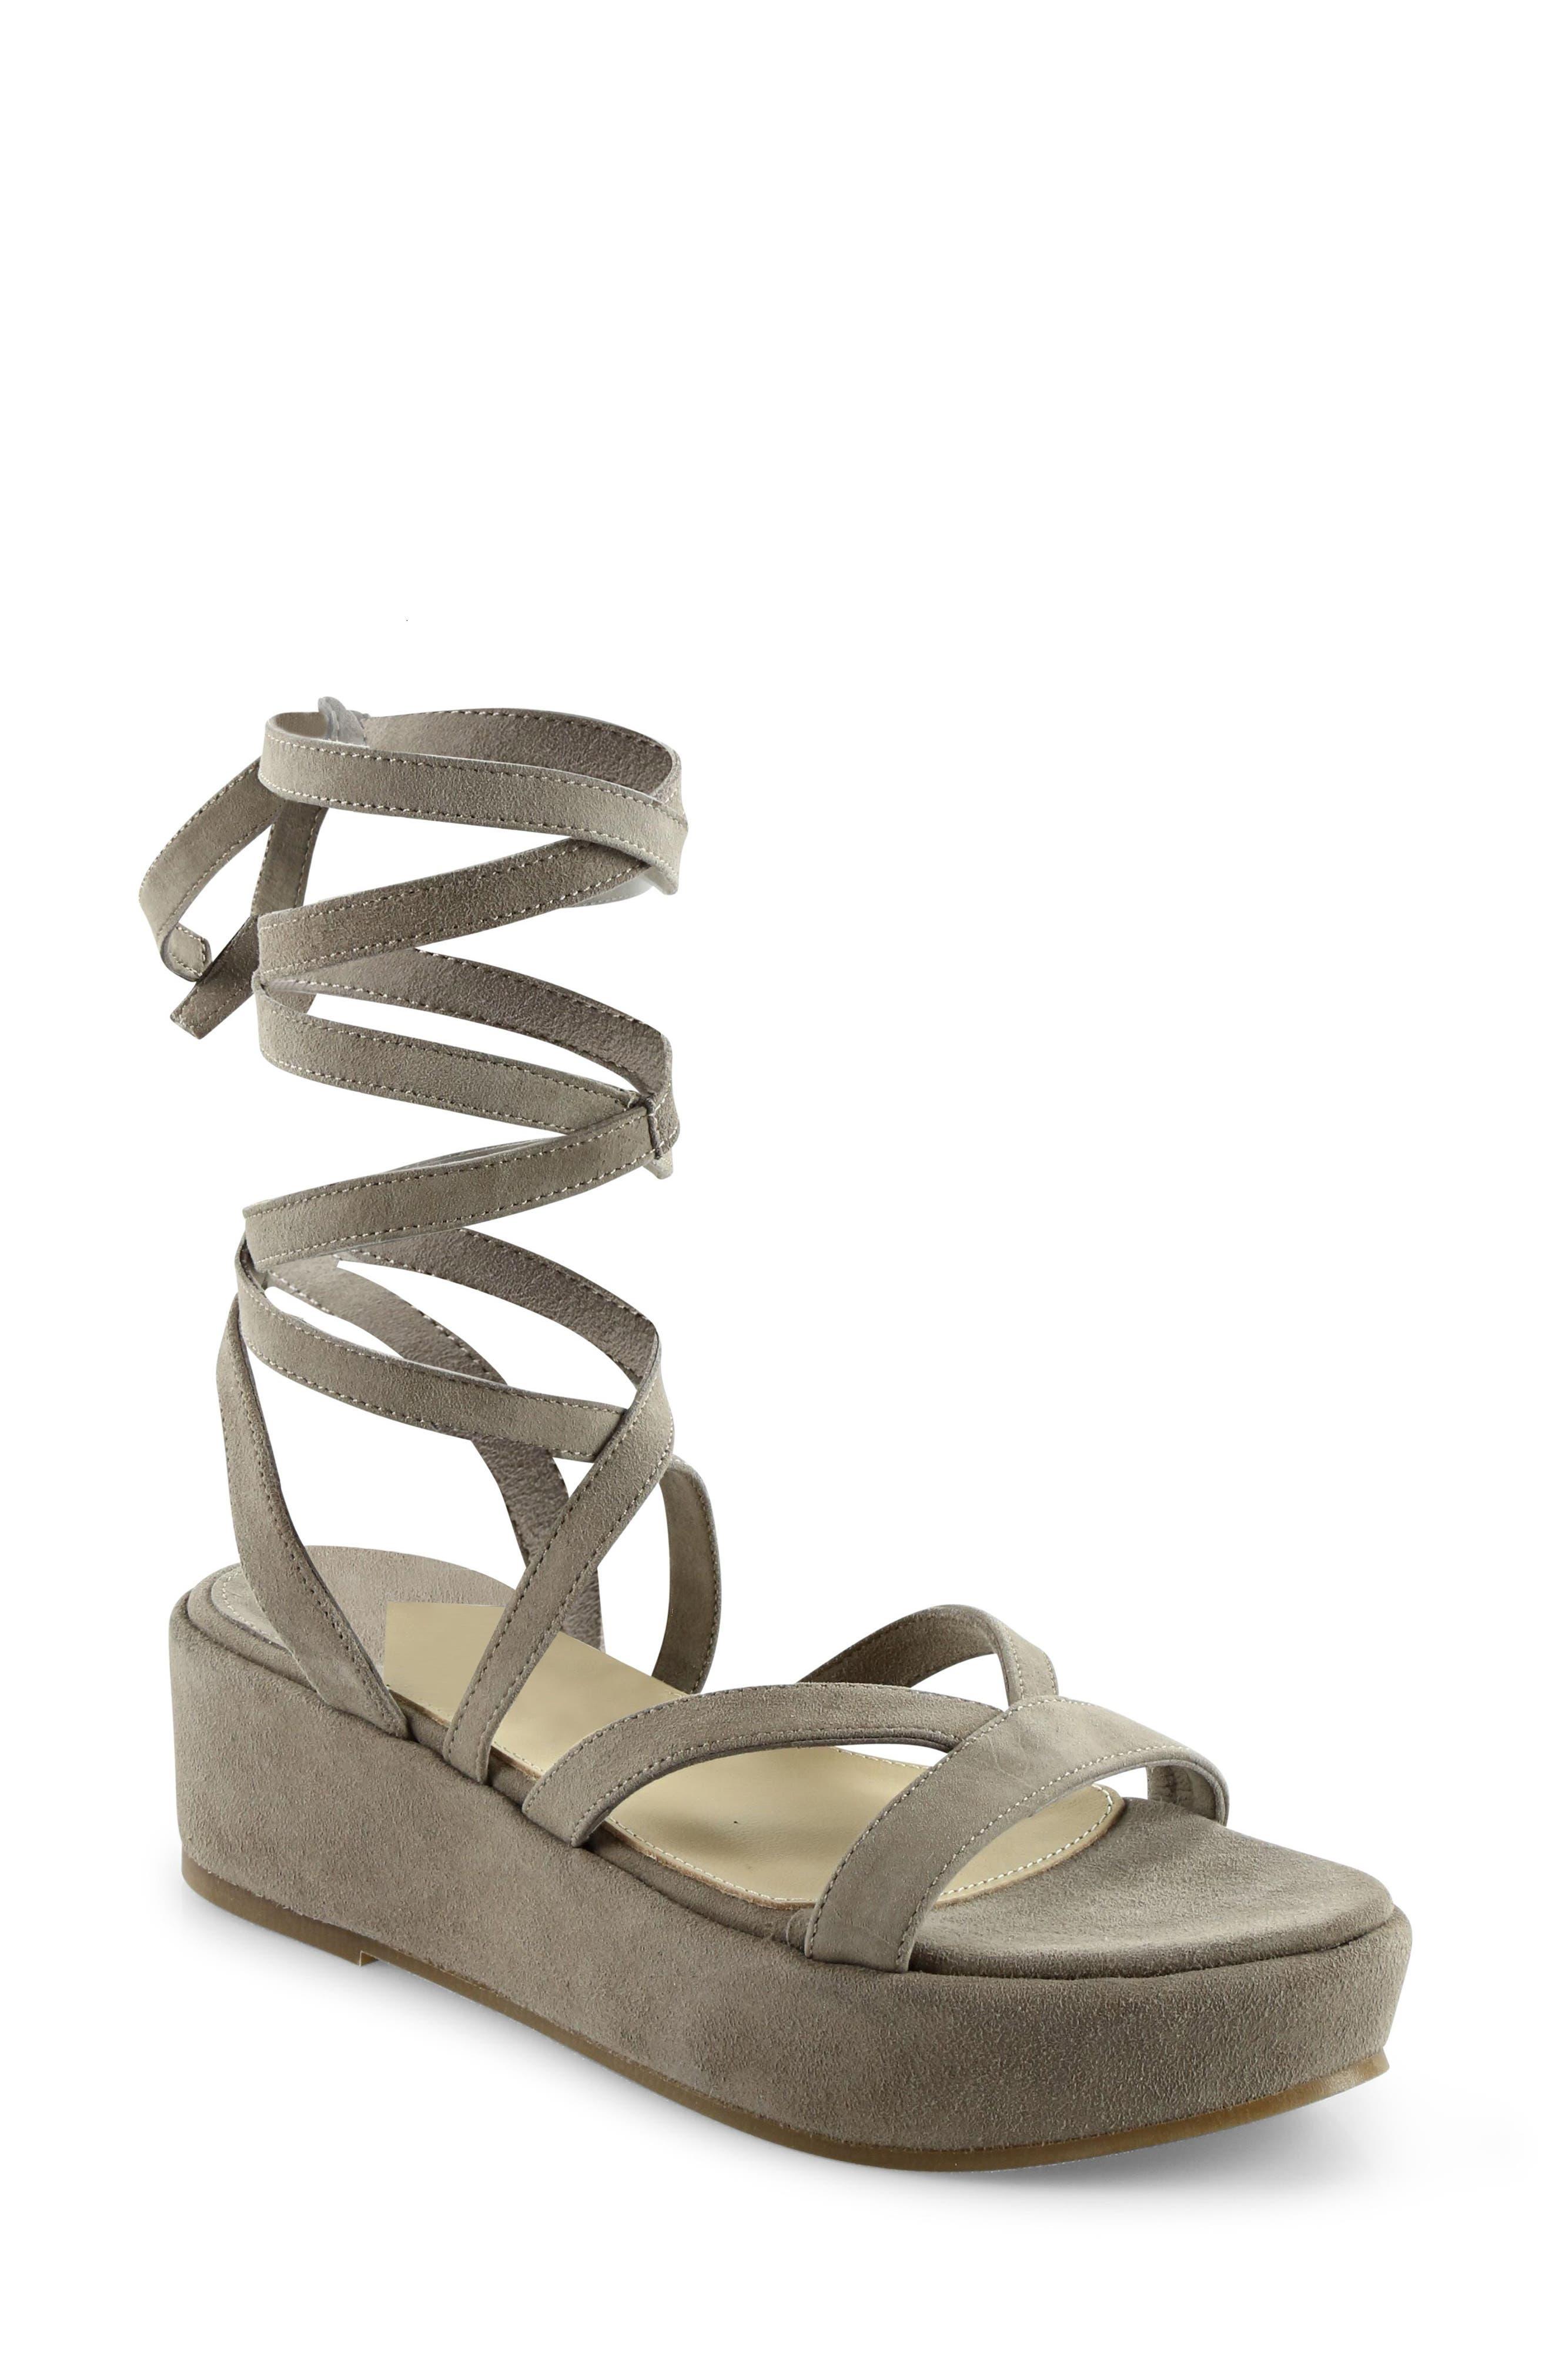 Klik Keri Gladiator Platform Sandal (Women)